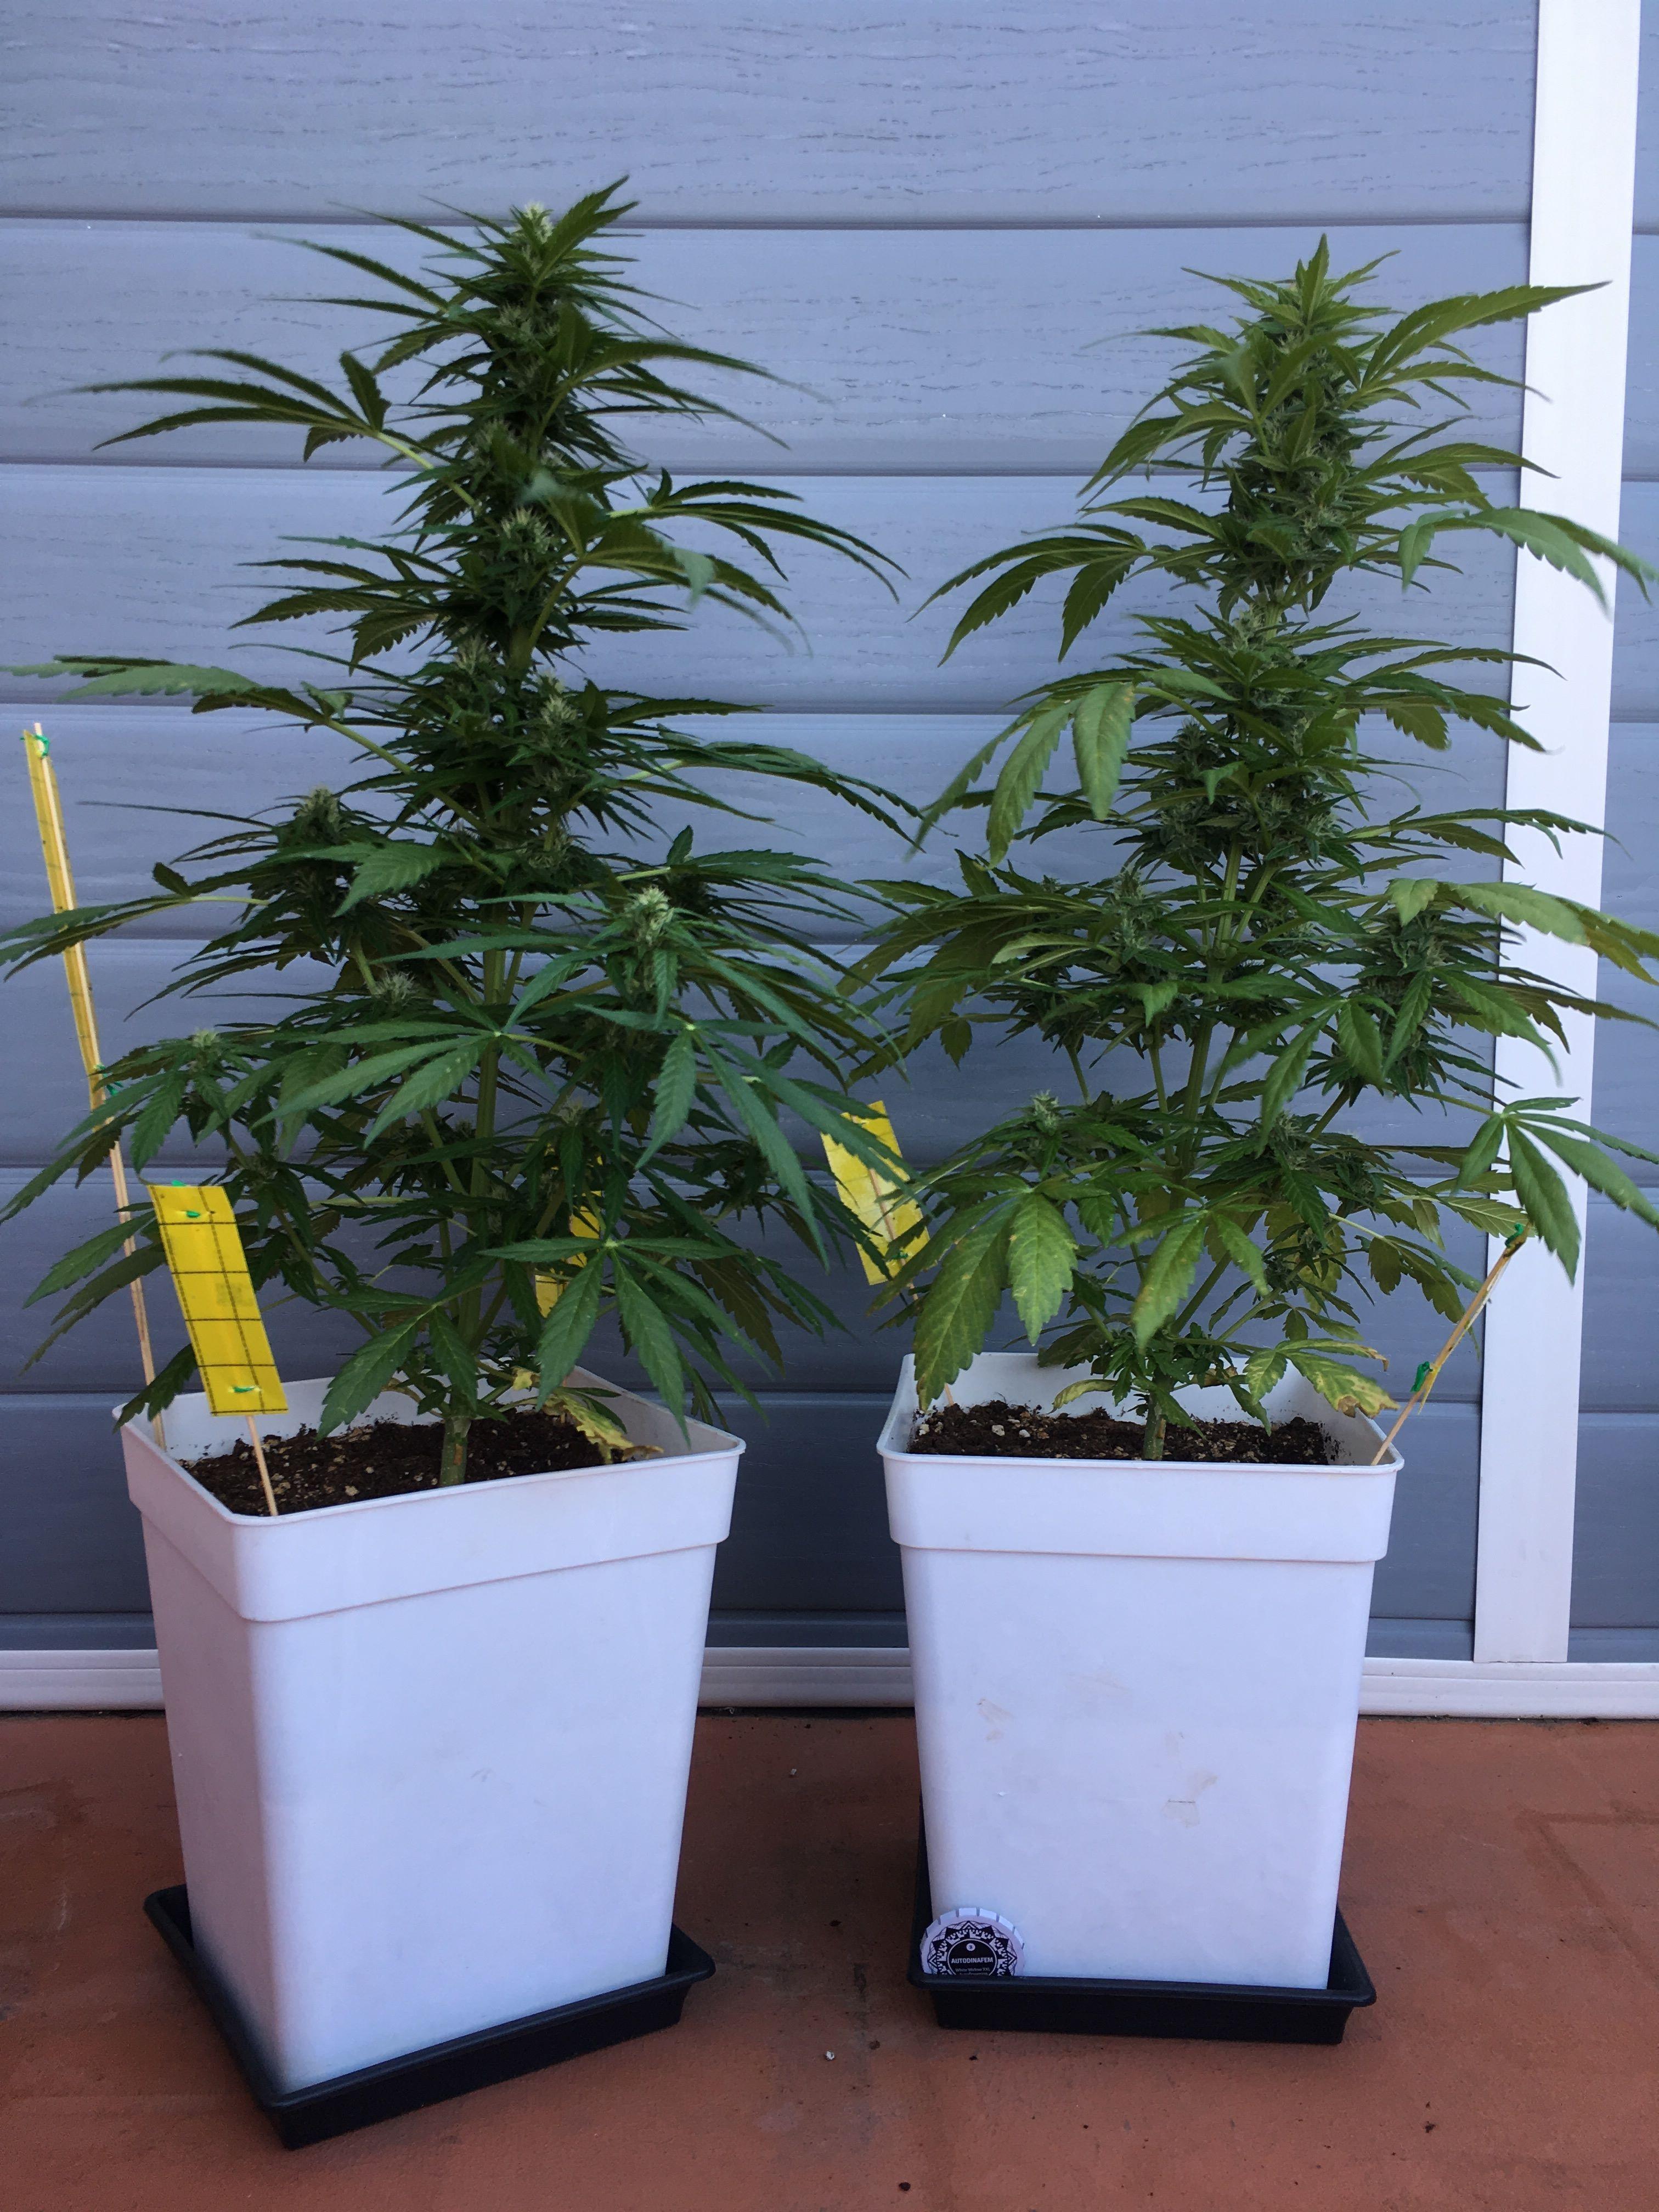 Per chi vuole cimentarsi nella coltivazione di Sour Diesel, l'opzione migliore è quella di utilizzare semi di cannabis autofiorenti.